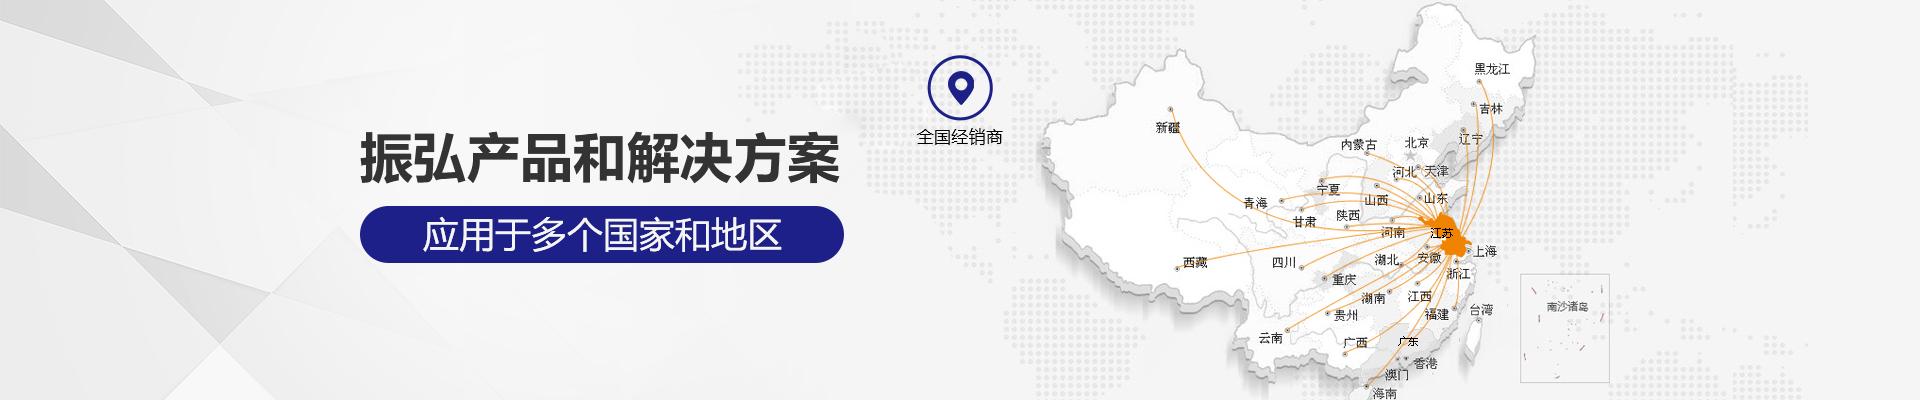 振弘产品和解决方案应用于多个国家和地区